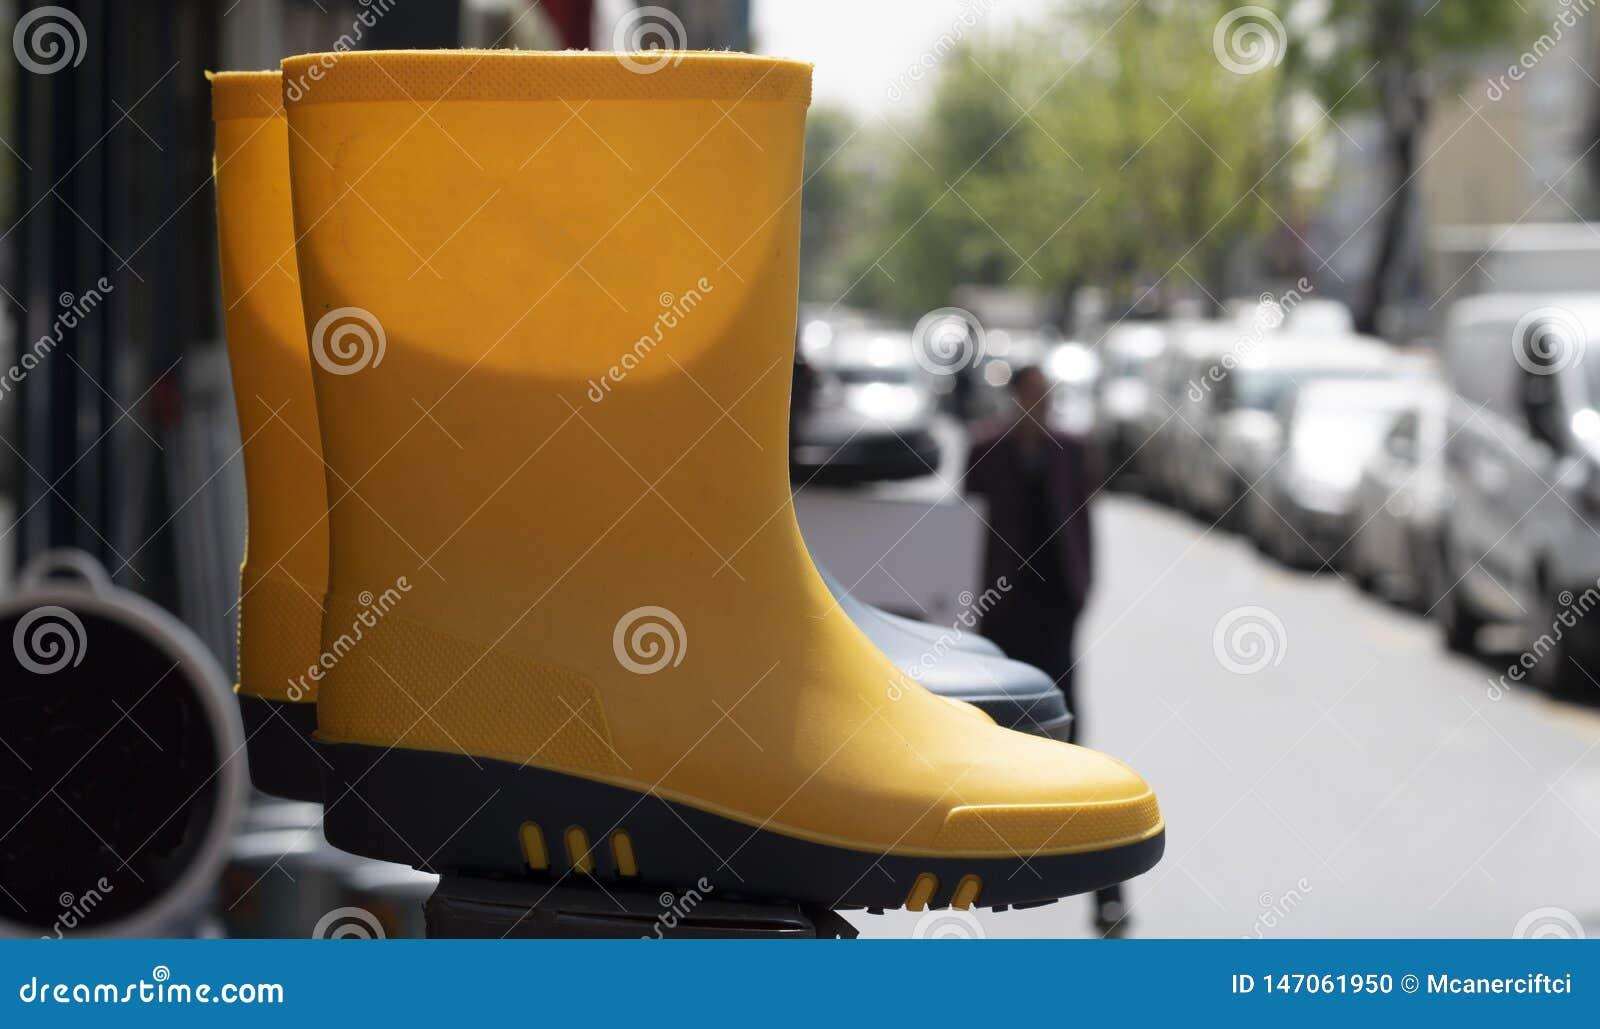 Posição do banco no pavimento Botas amarelas sobre